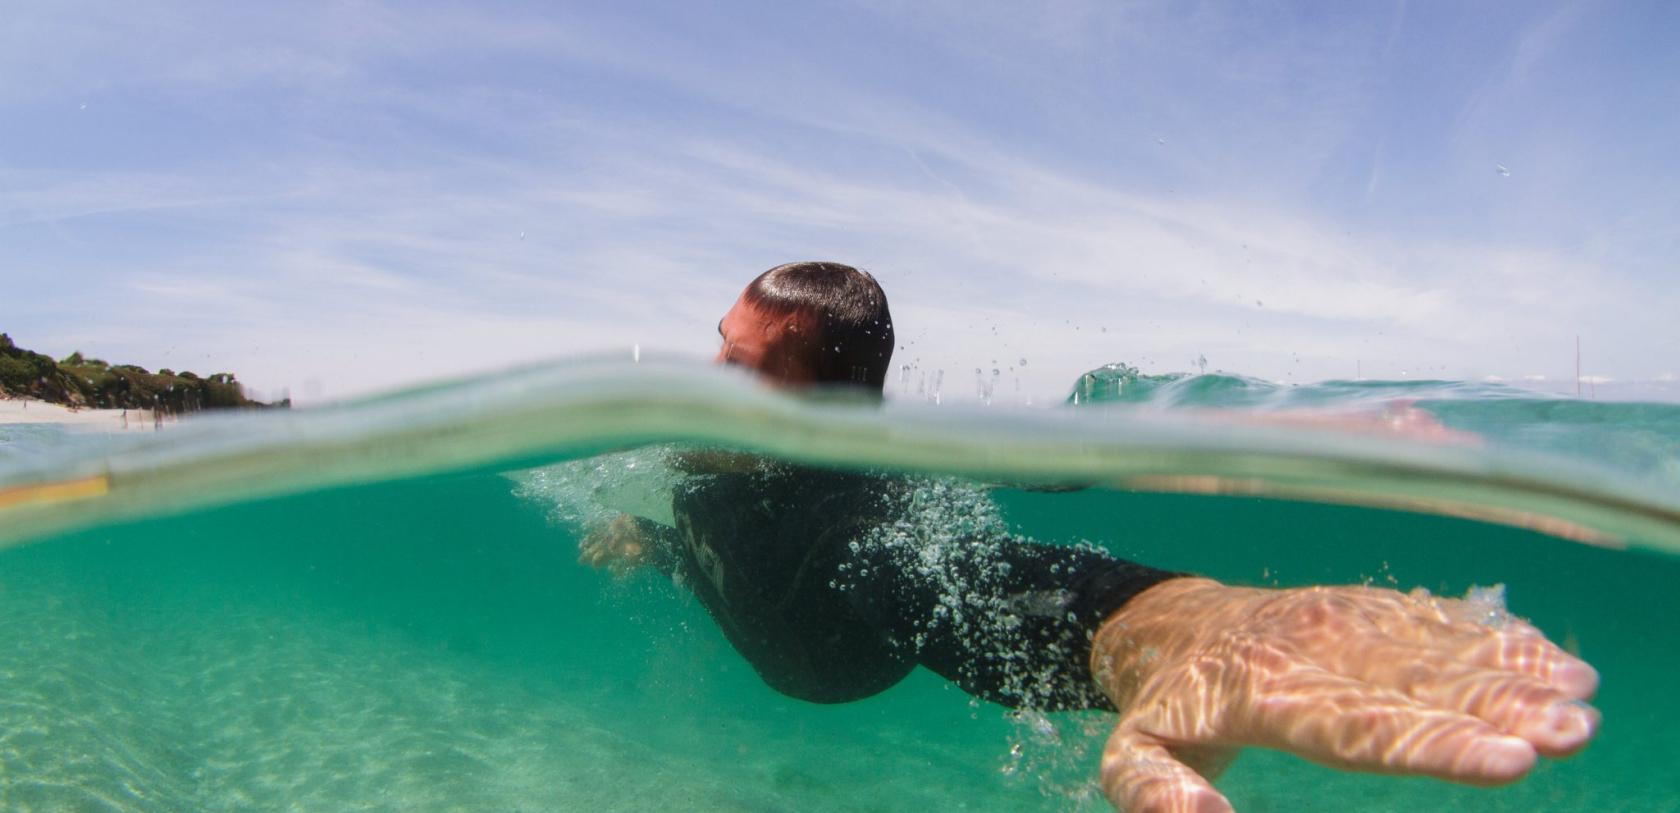 Nage à la plage Les Grands Sables à l'Ile de Groix